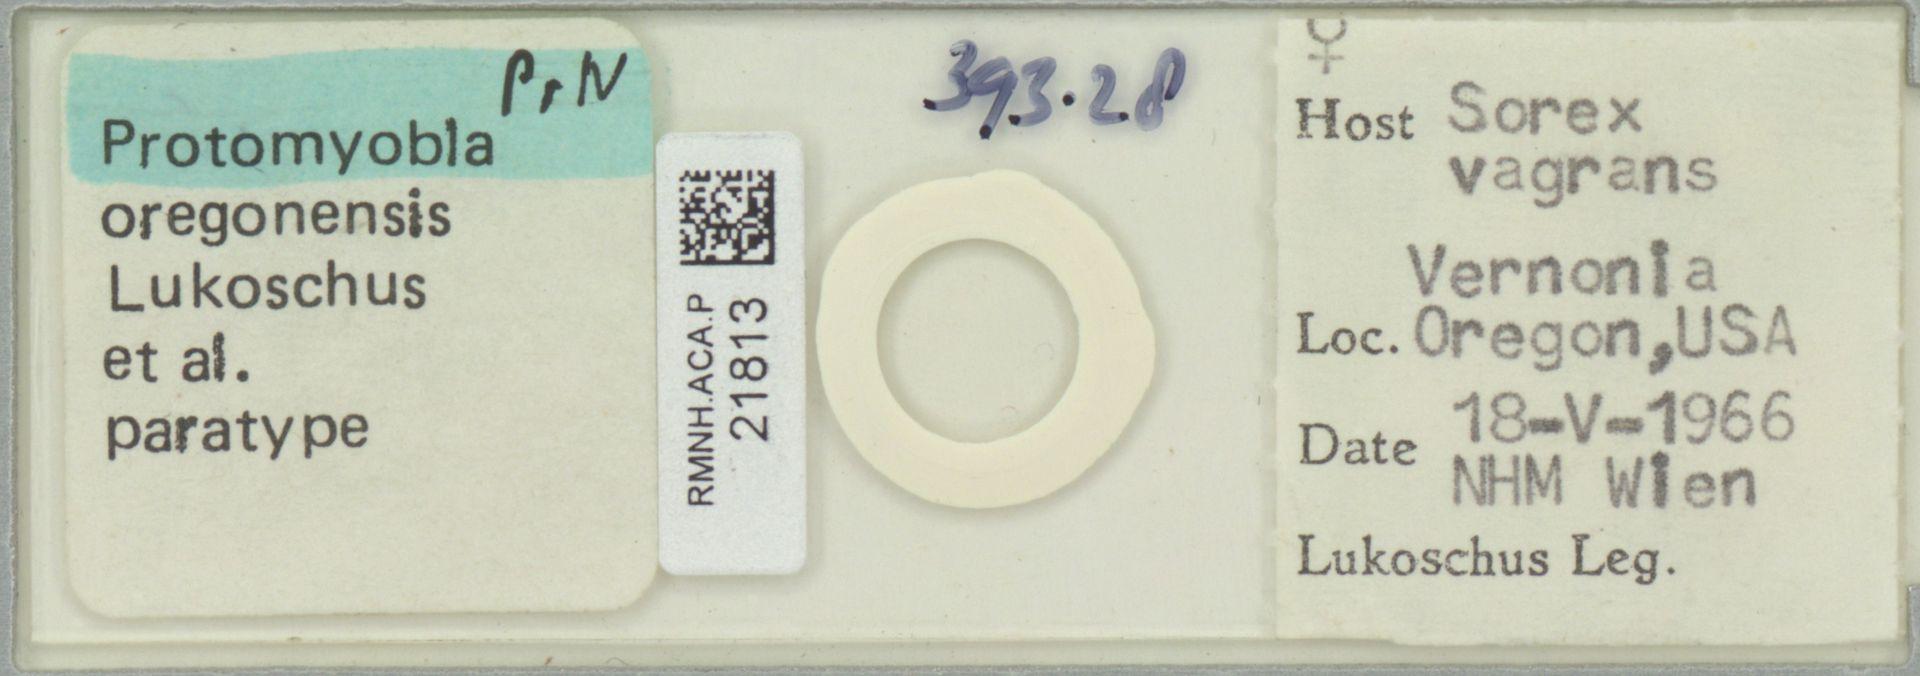 RMNH.ACA.P.21813 | Protomyobia oregonensis Lukoschus et al.